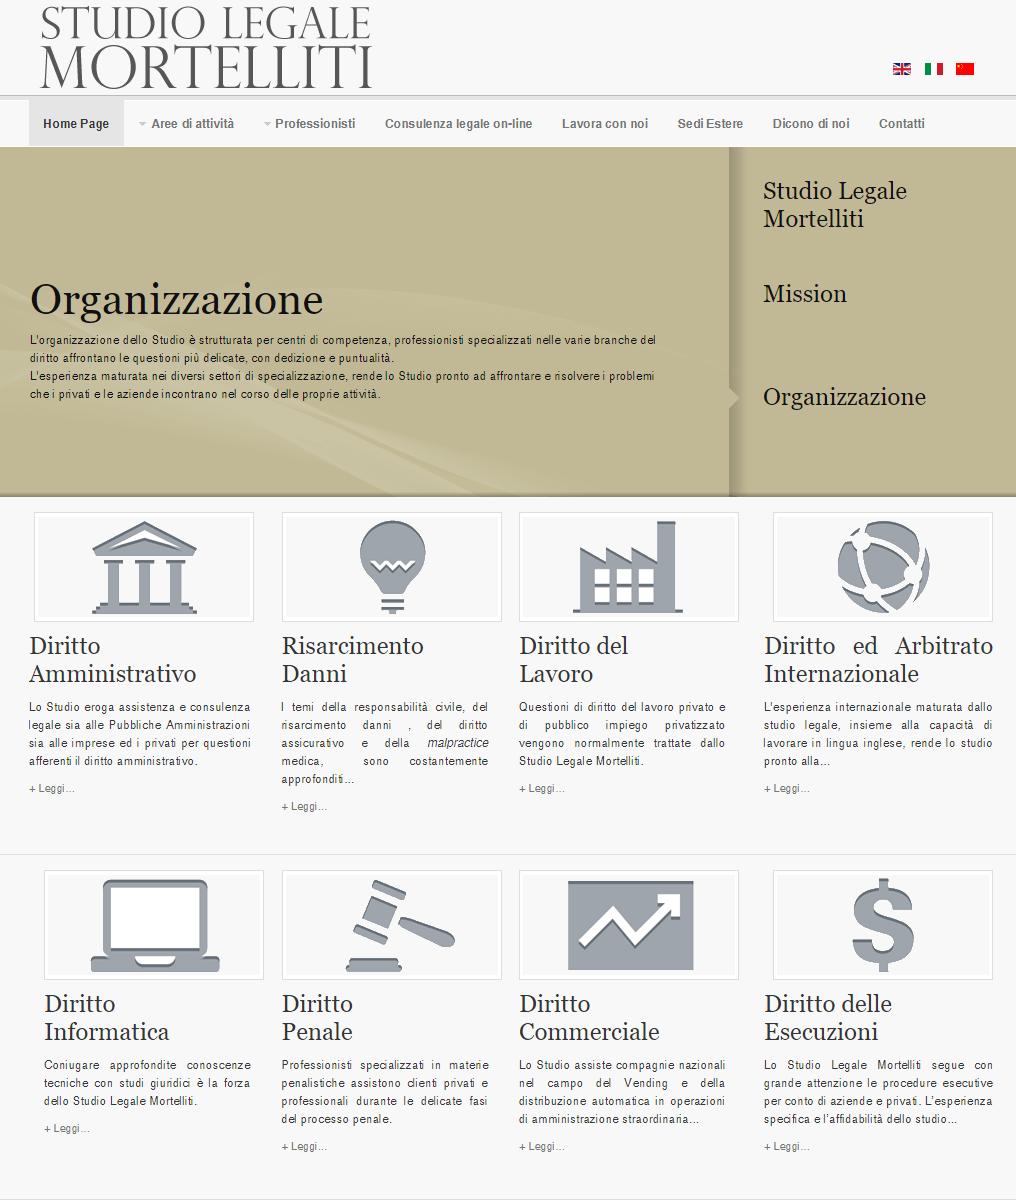 Studio Legale Mortelliti Home Page parte alta